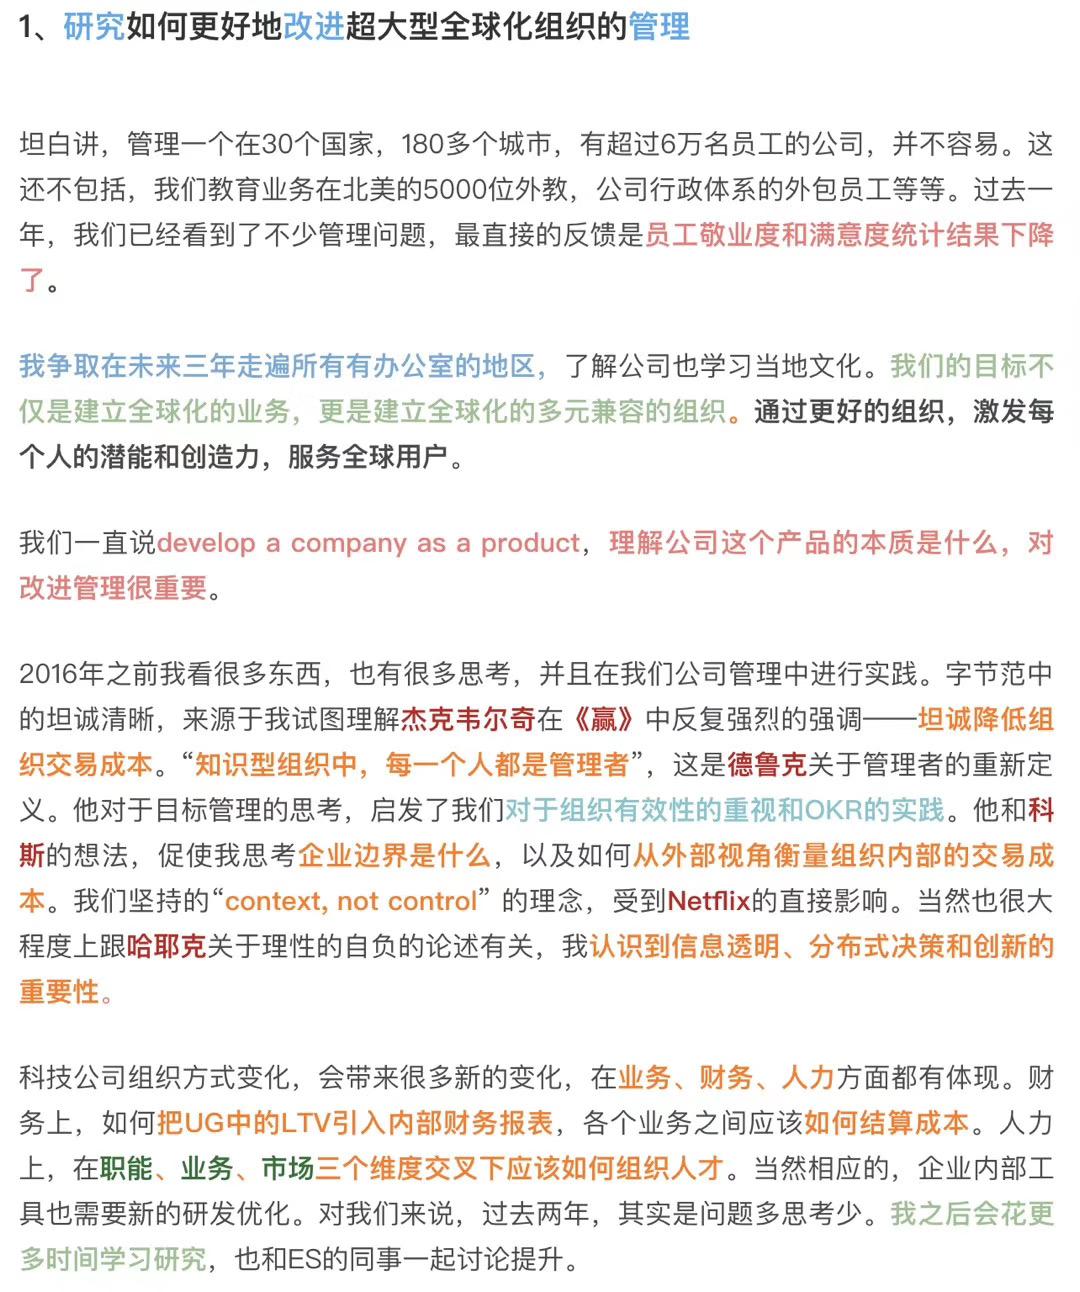 总结一下张一鸣的公开信-Linmi